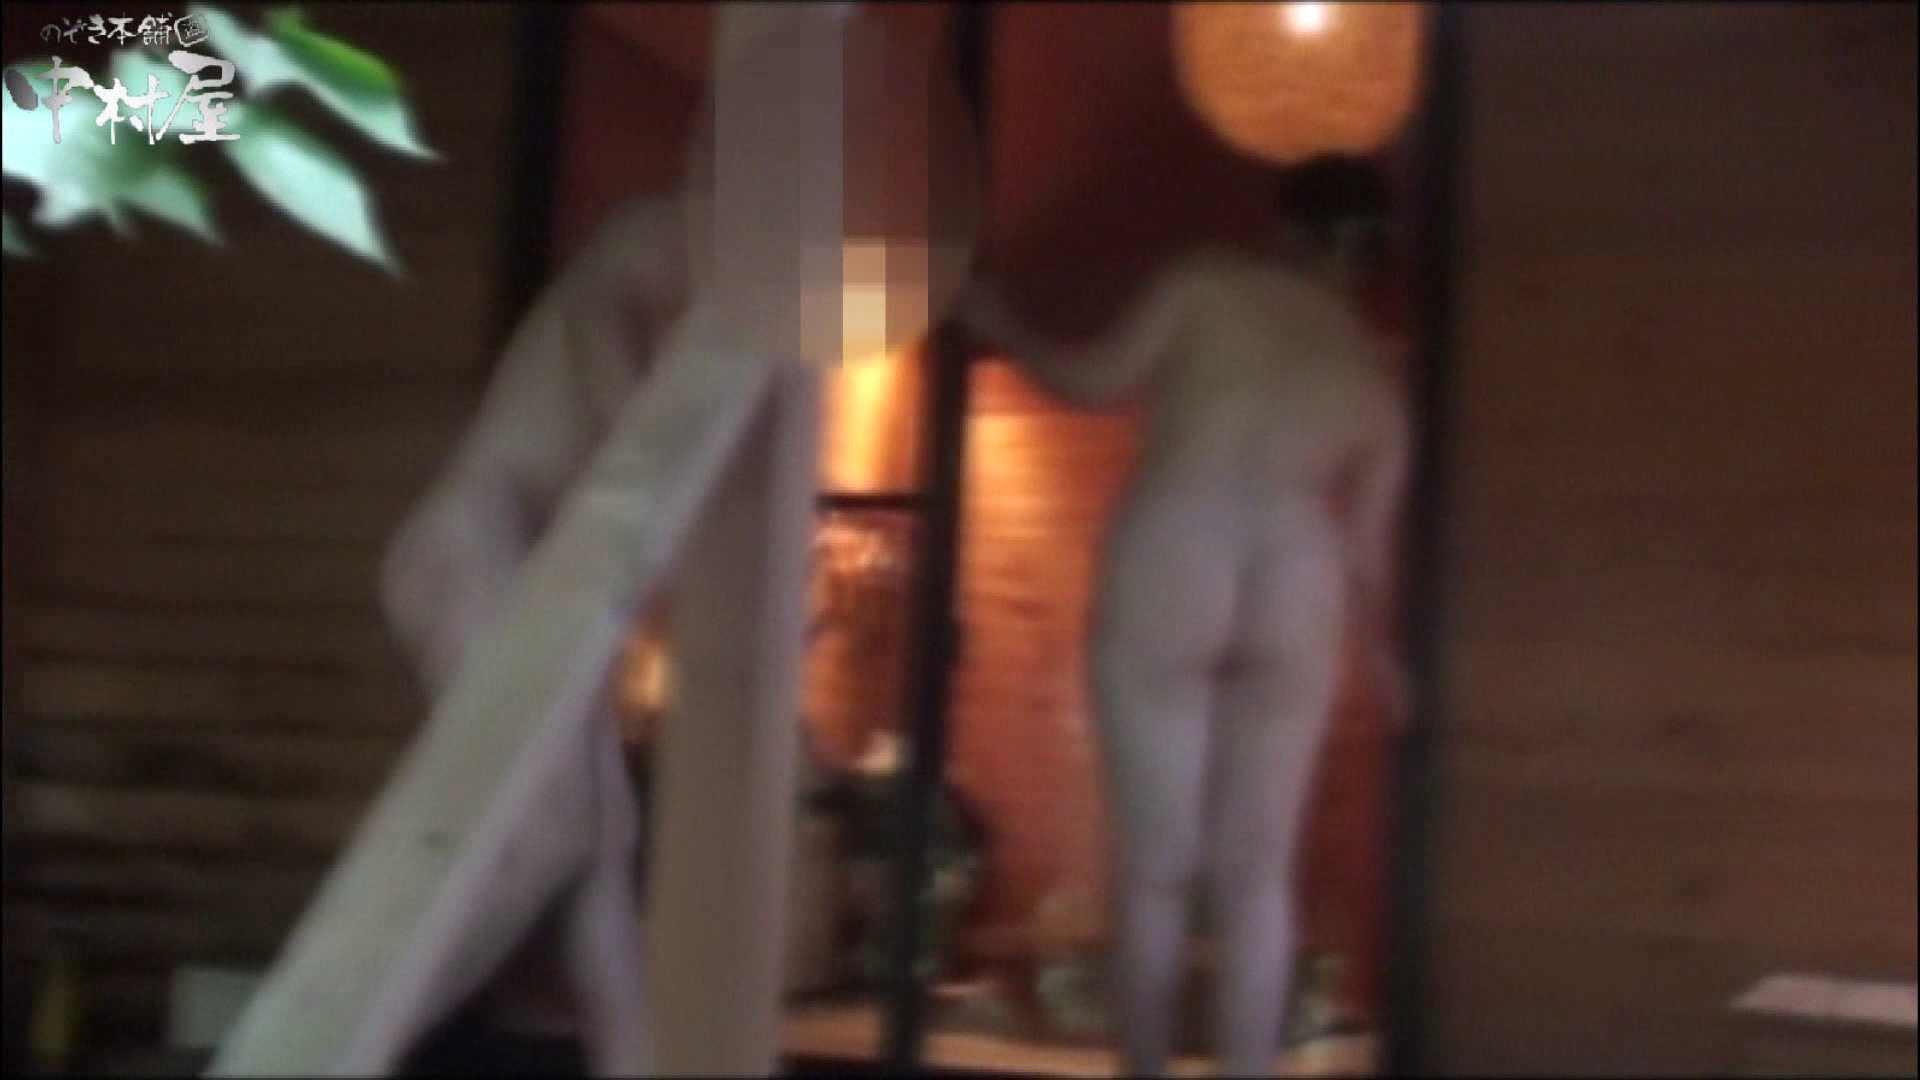 貸切露天 発情カップル! vol.03 美しいOLの裸体 オメコ無修正動画無料 85pic 16